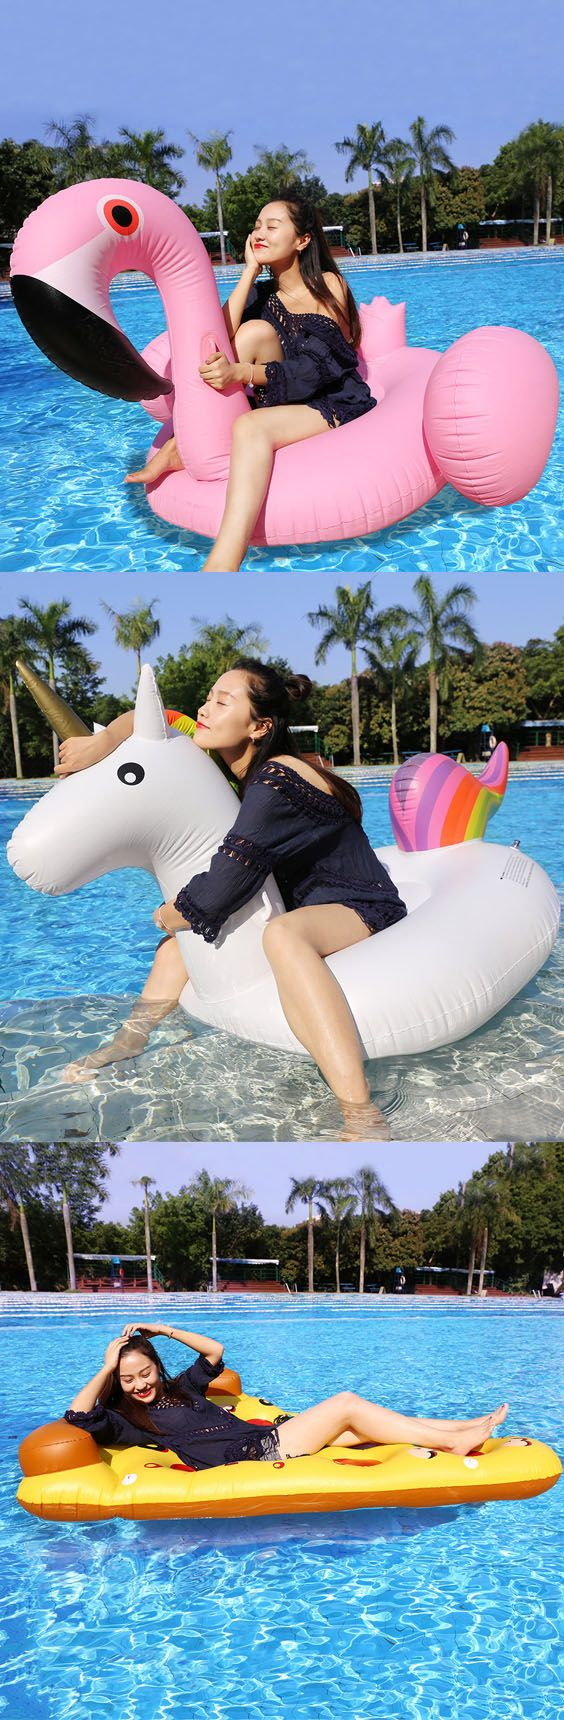 M s de 25 ideas incre bles sobre flotadores piscina en - Flotadores gigantes ...